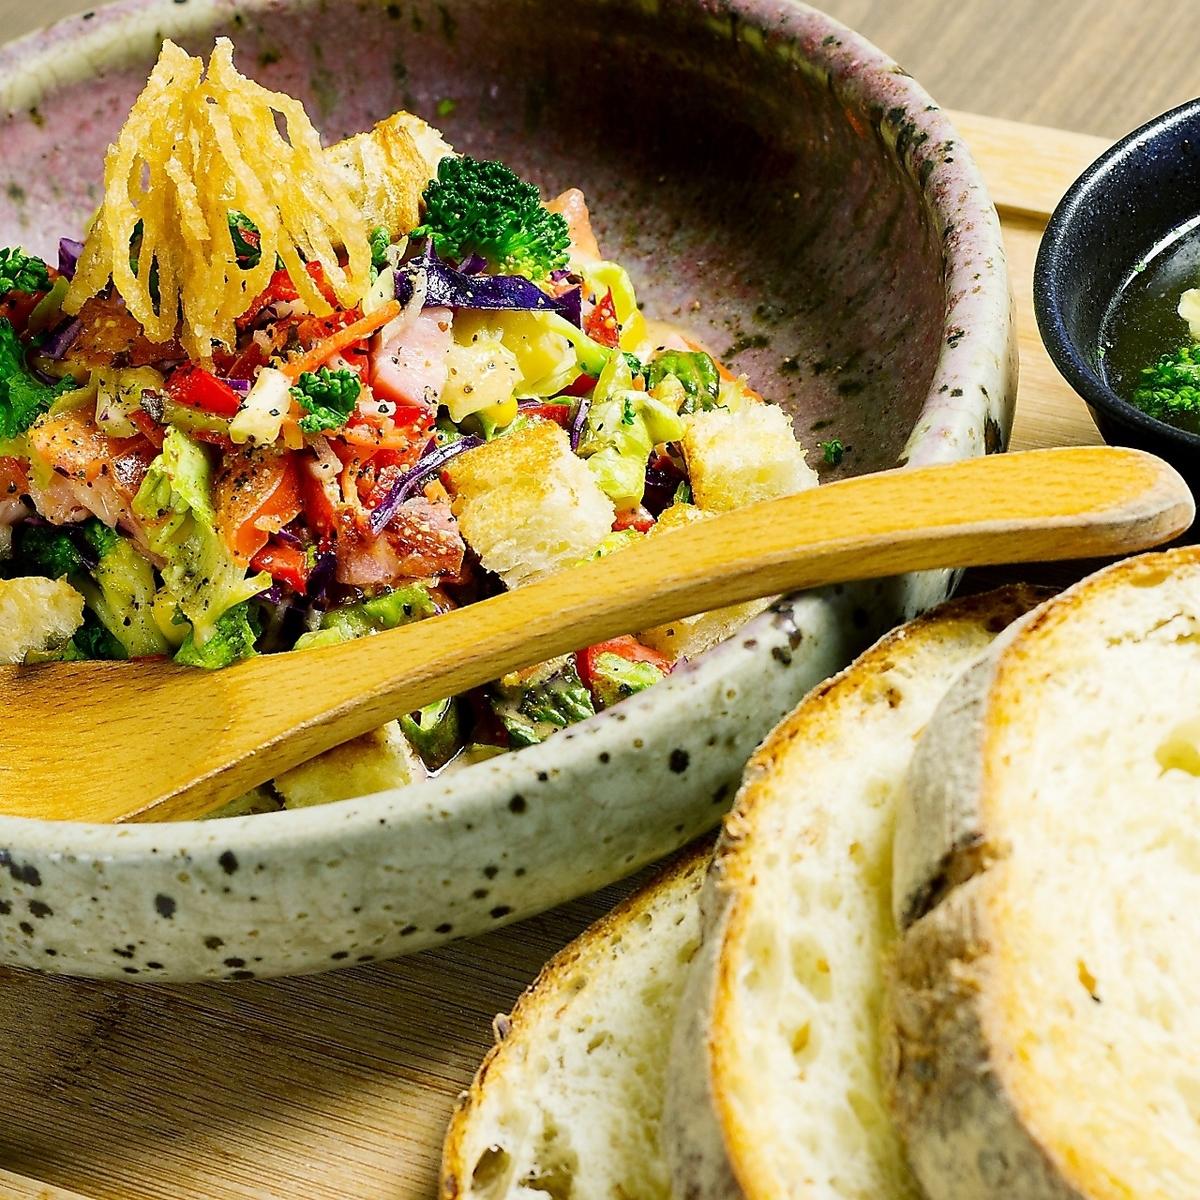 【Chopped salad SET (15 items / raw ham)】 (bucket / appetizer / set drink / small chiffon cake)